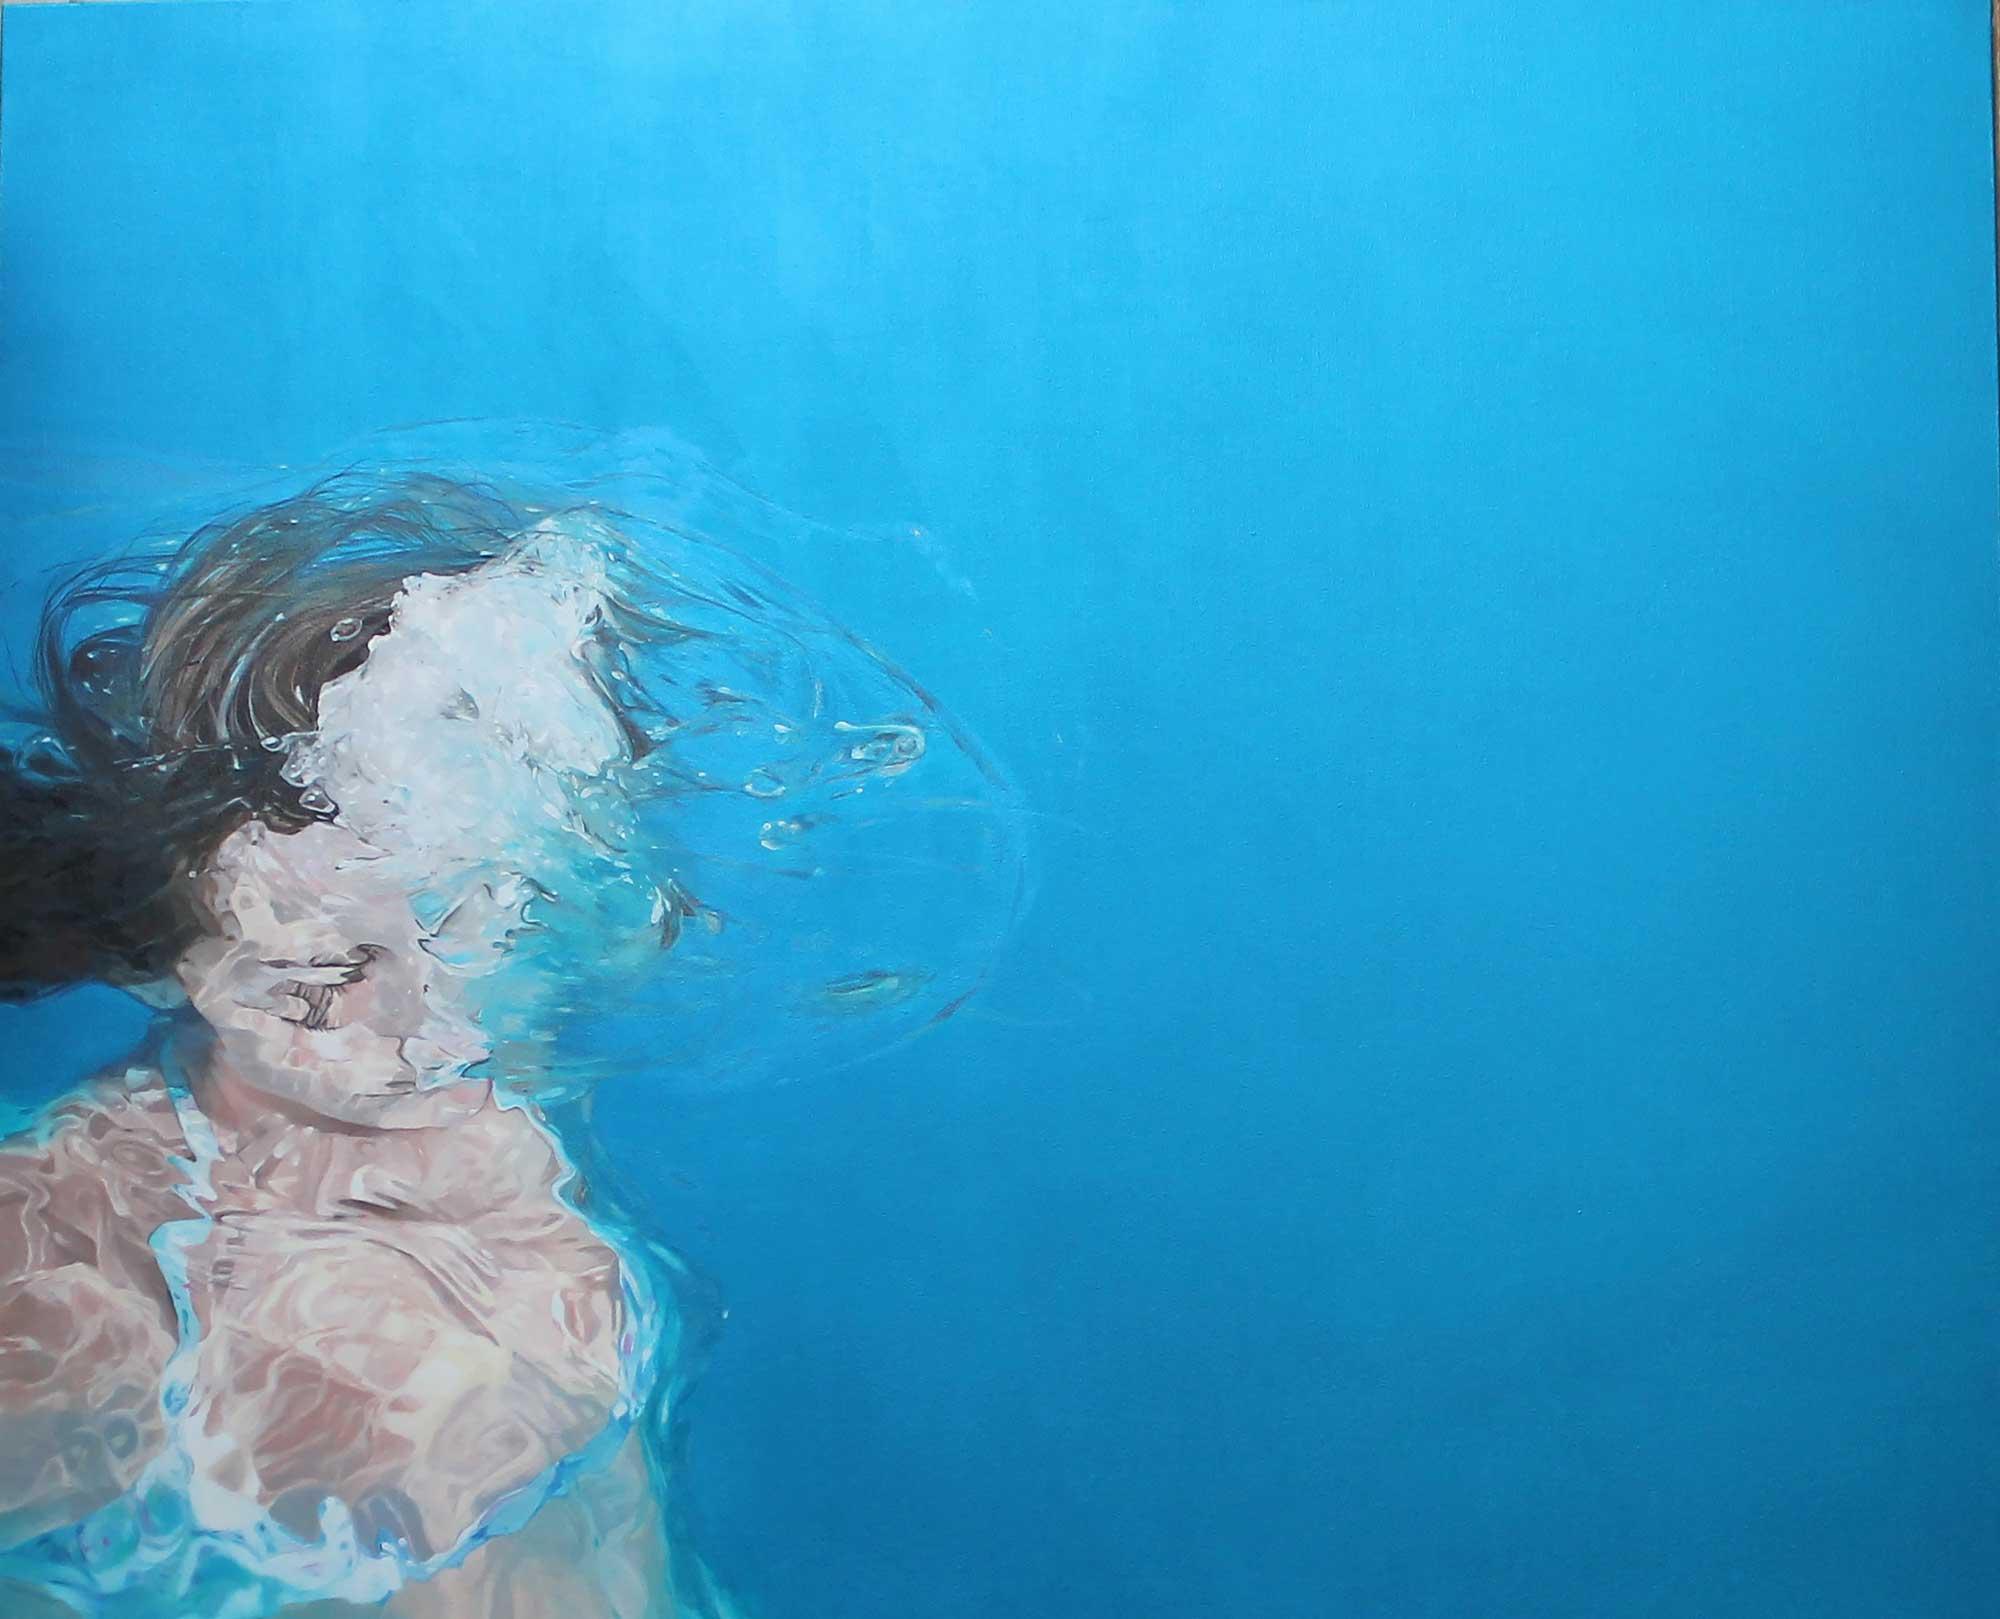 superficie-azul-baja.jpg